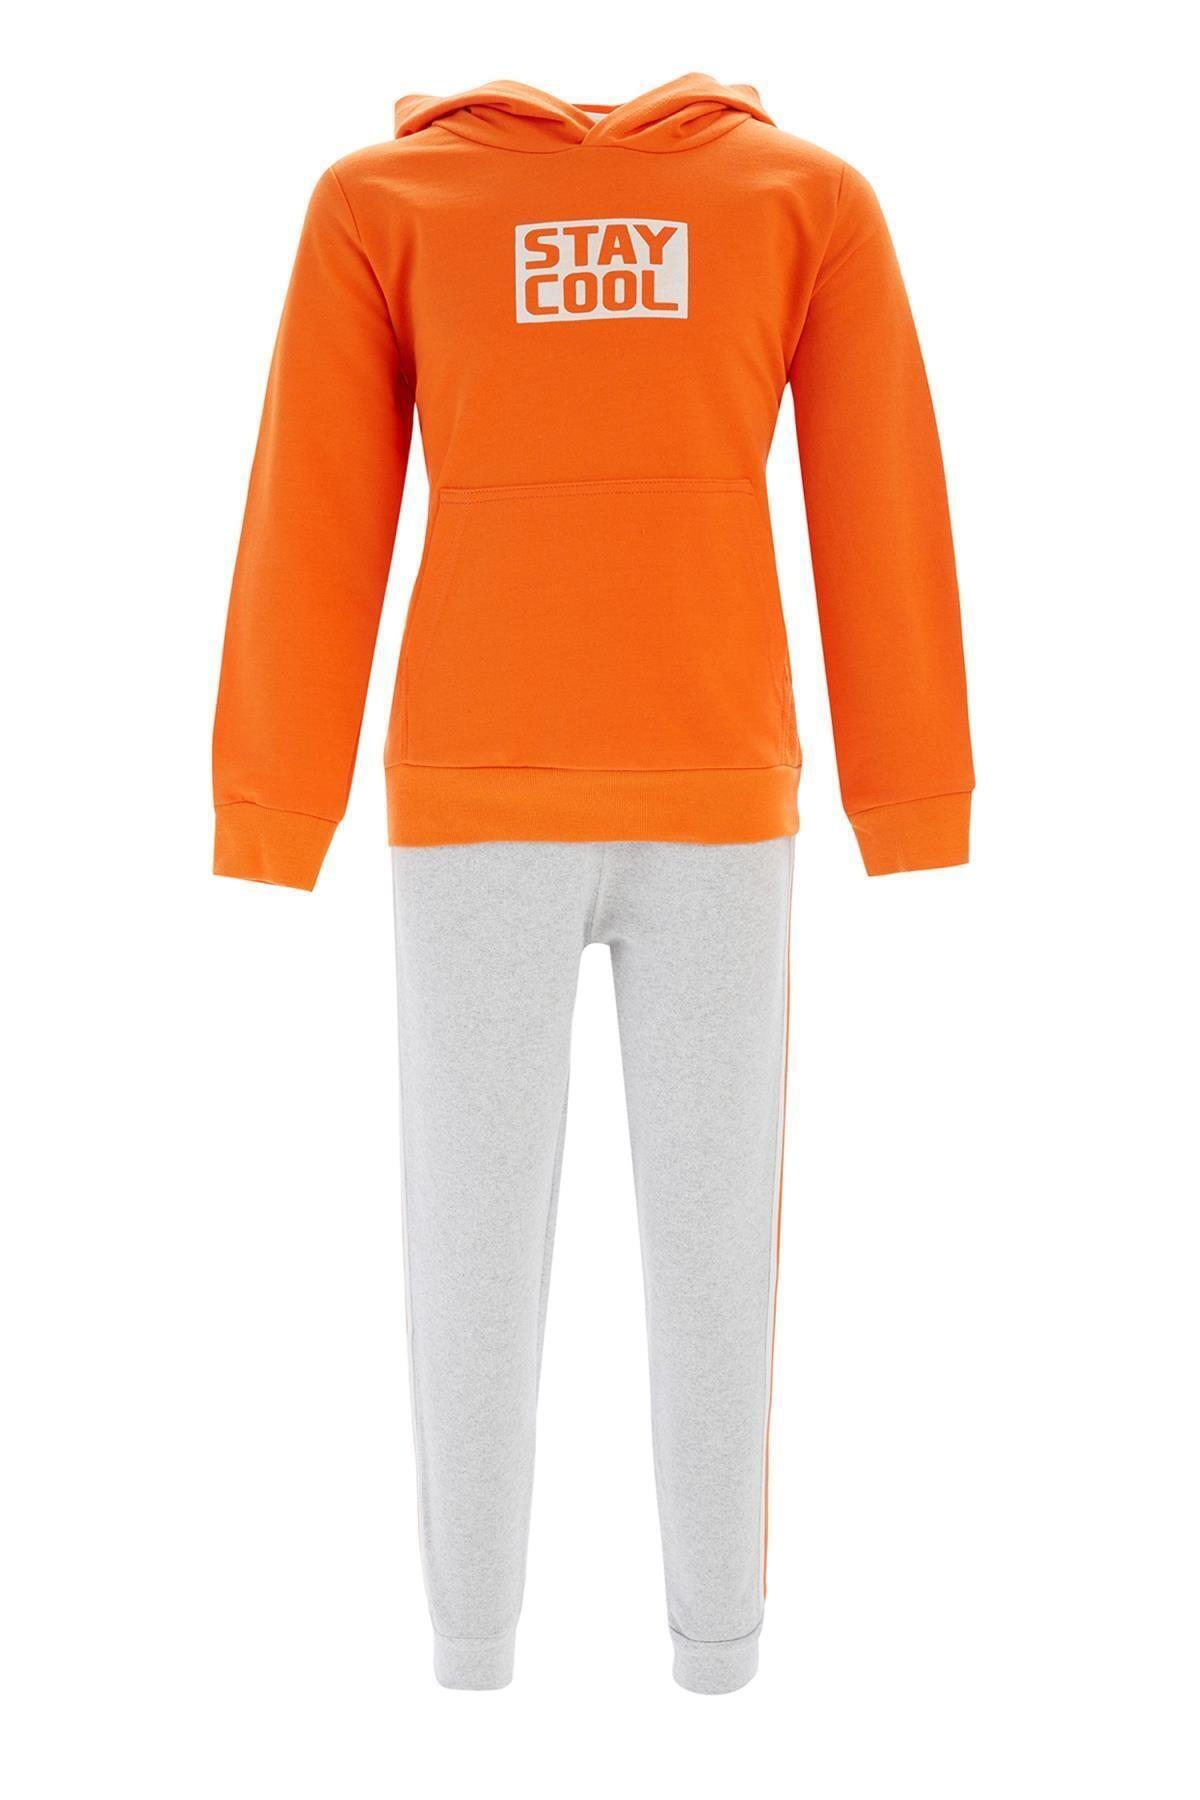 Erkek Çocuk Kapüşonlu Sweatshirt Ve Jogger Eşofman Takım S2884A620WN